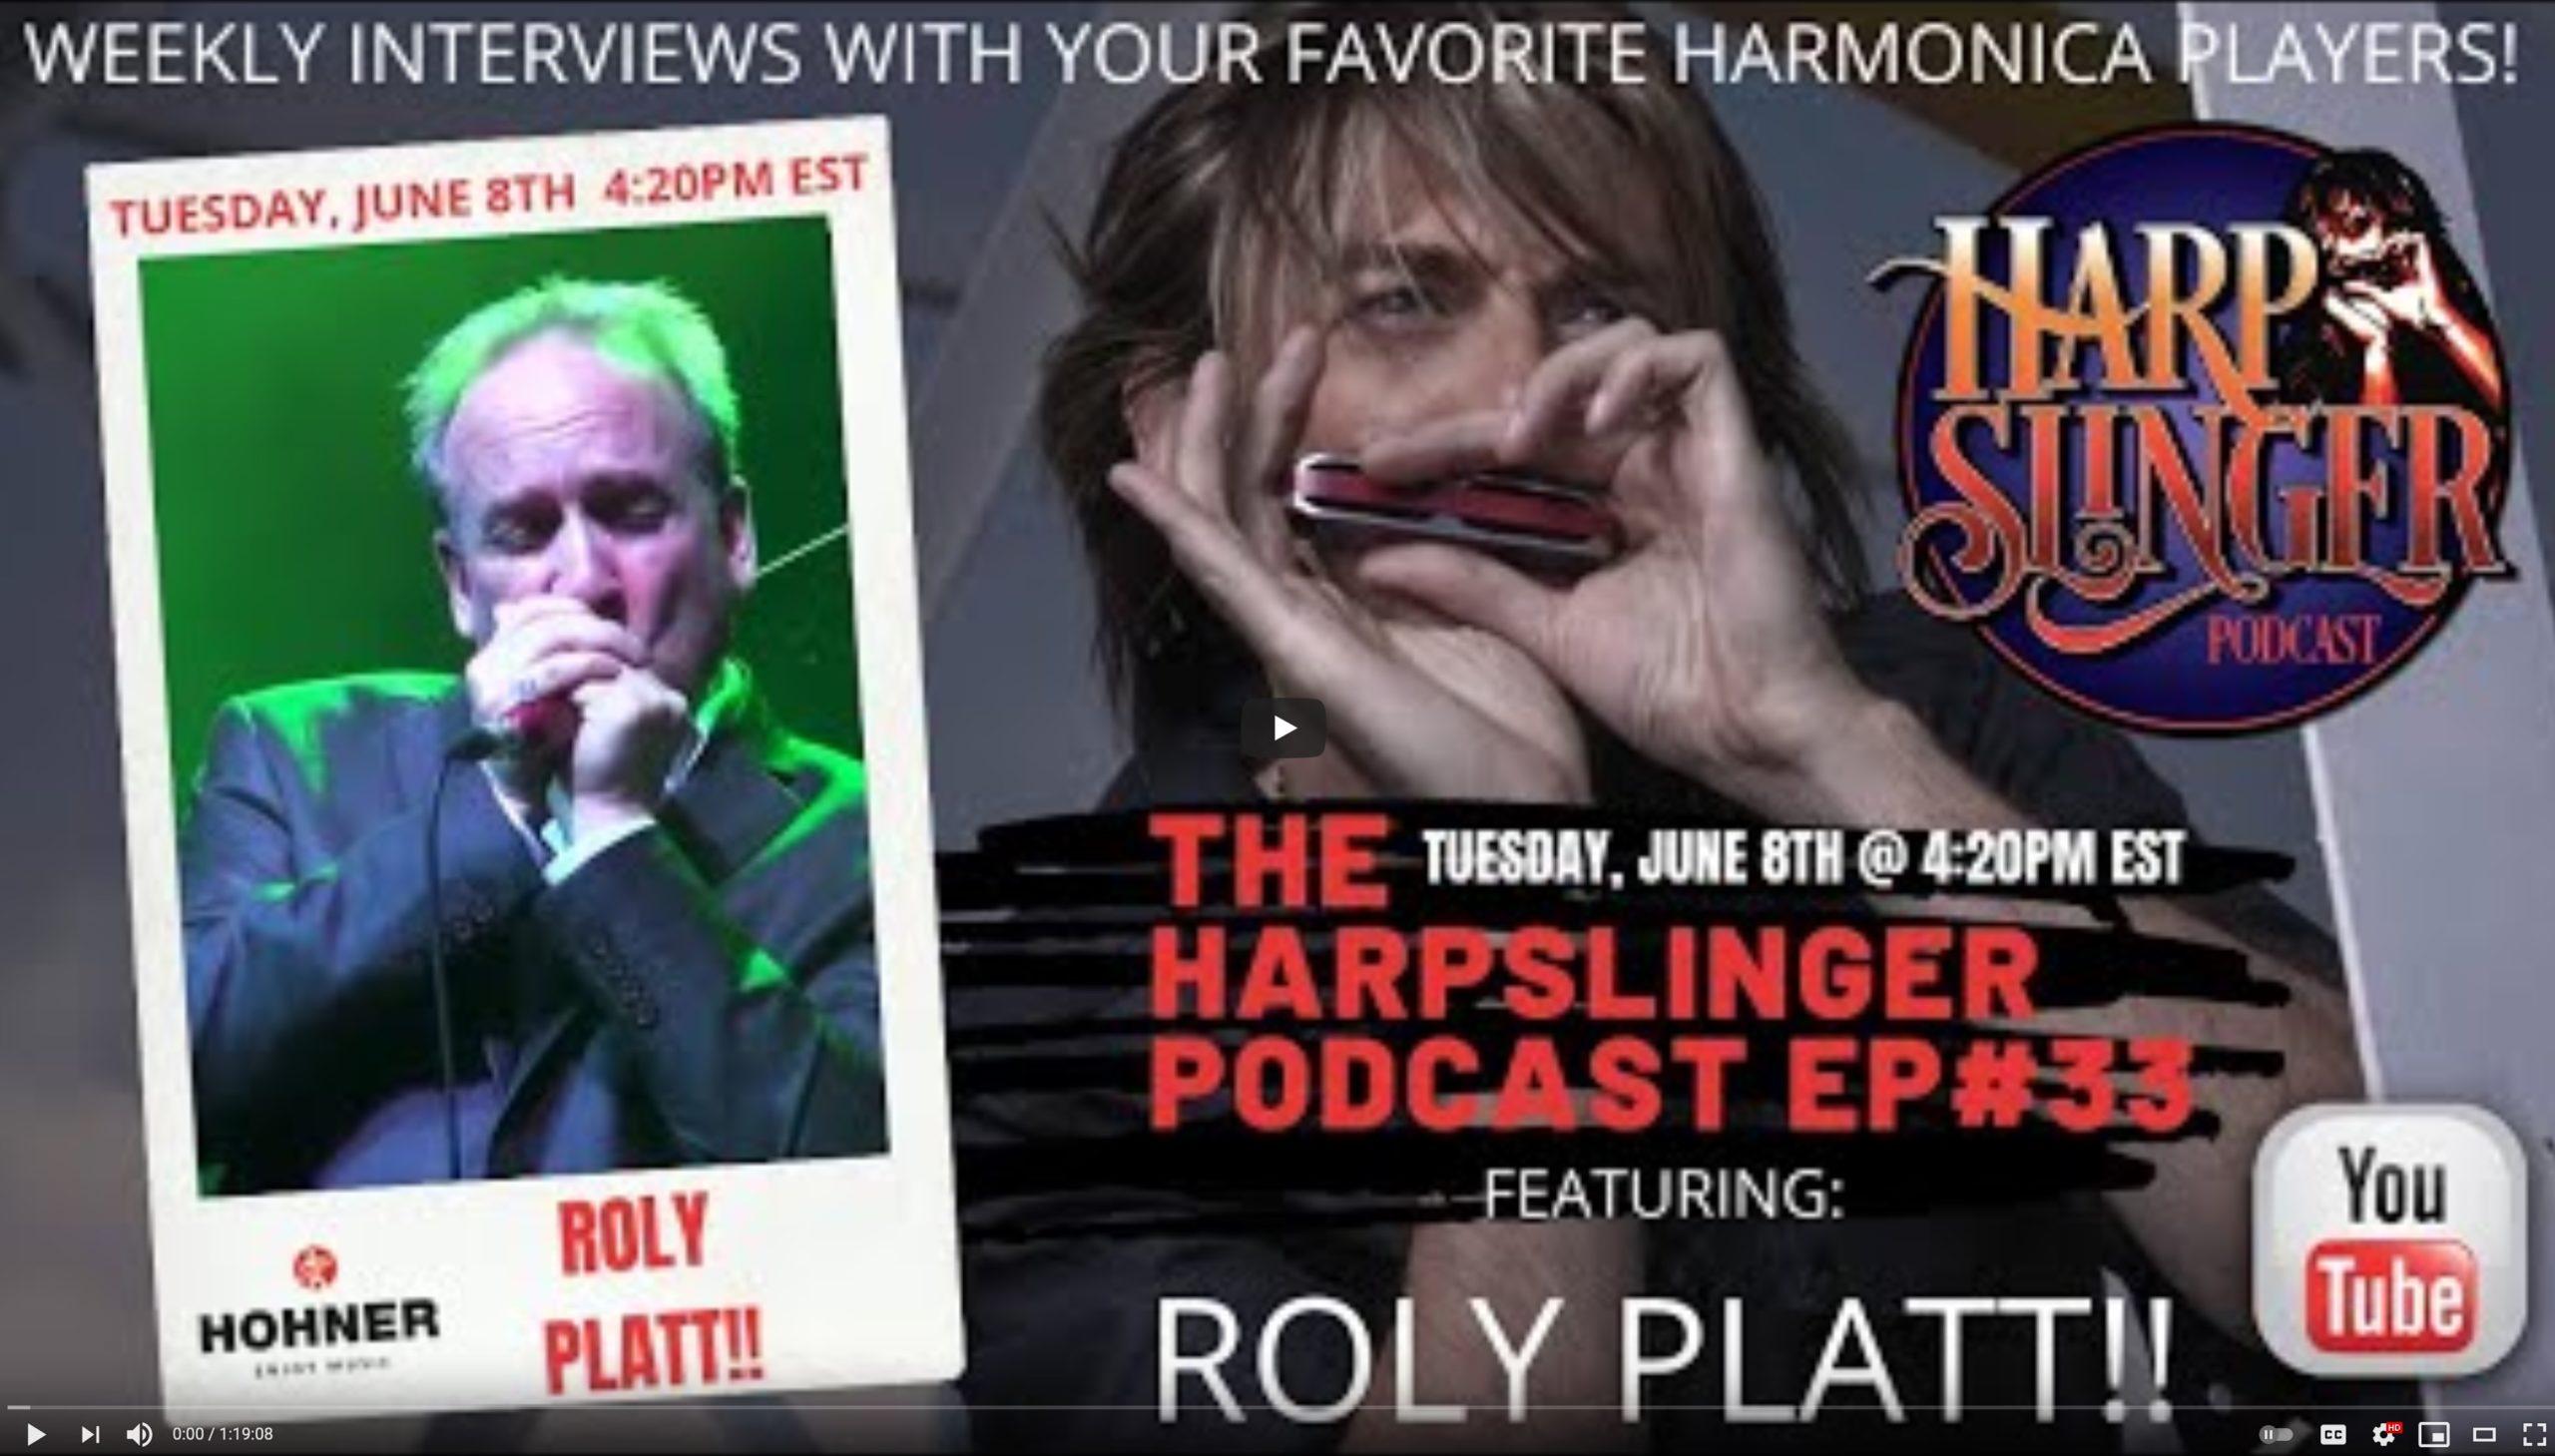 Roly Platt: Interview on Harp Slinger Podcast